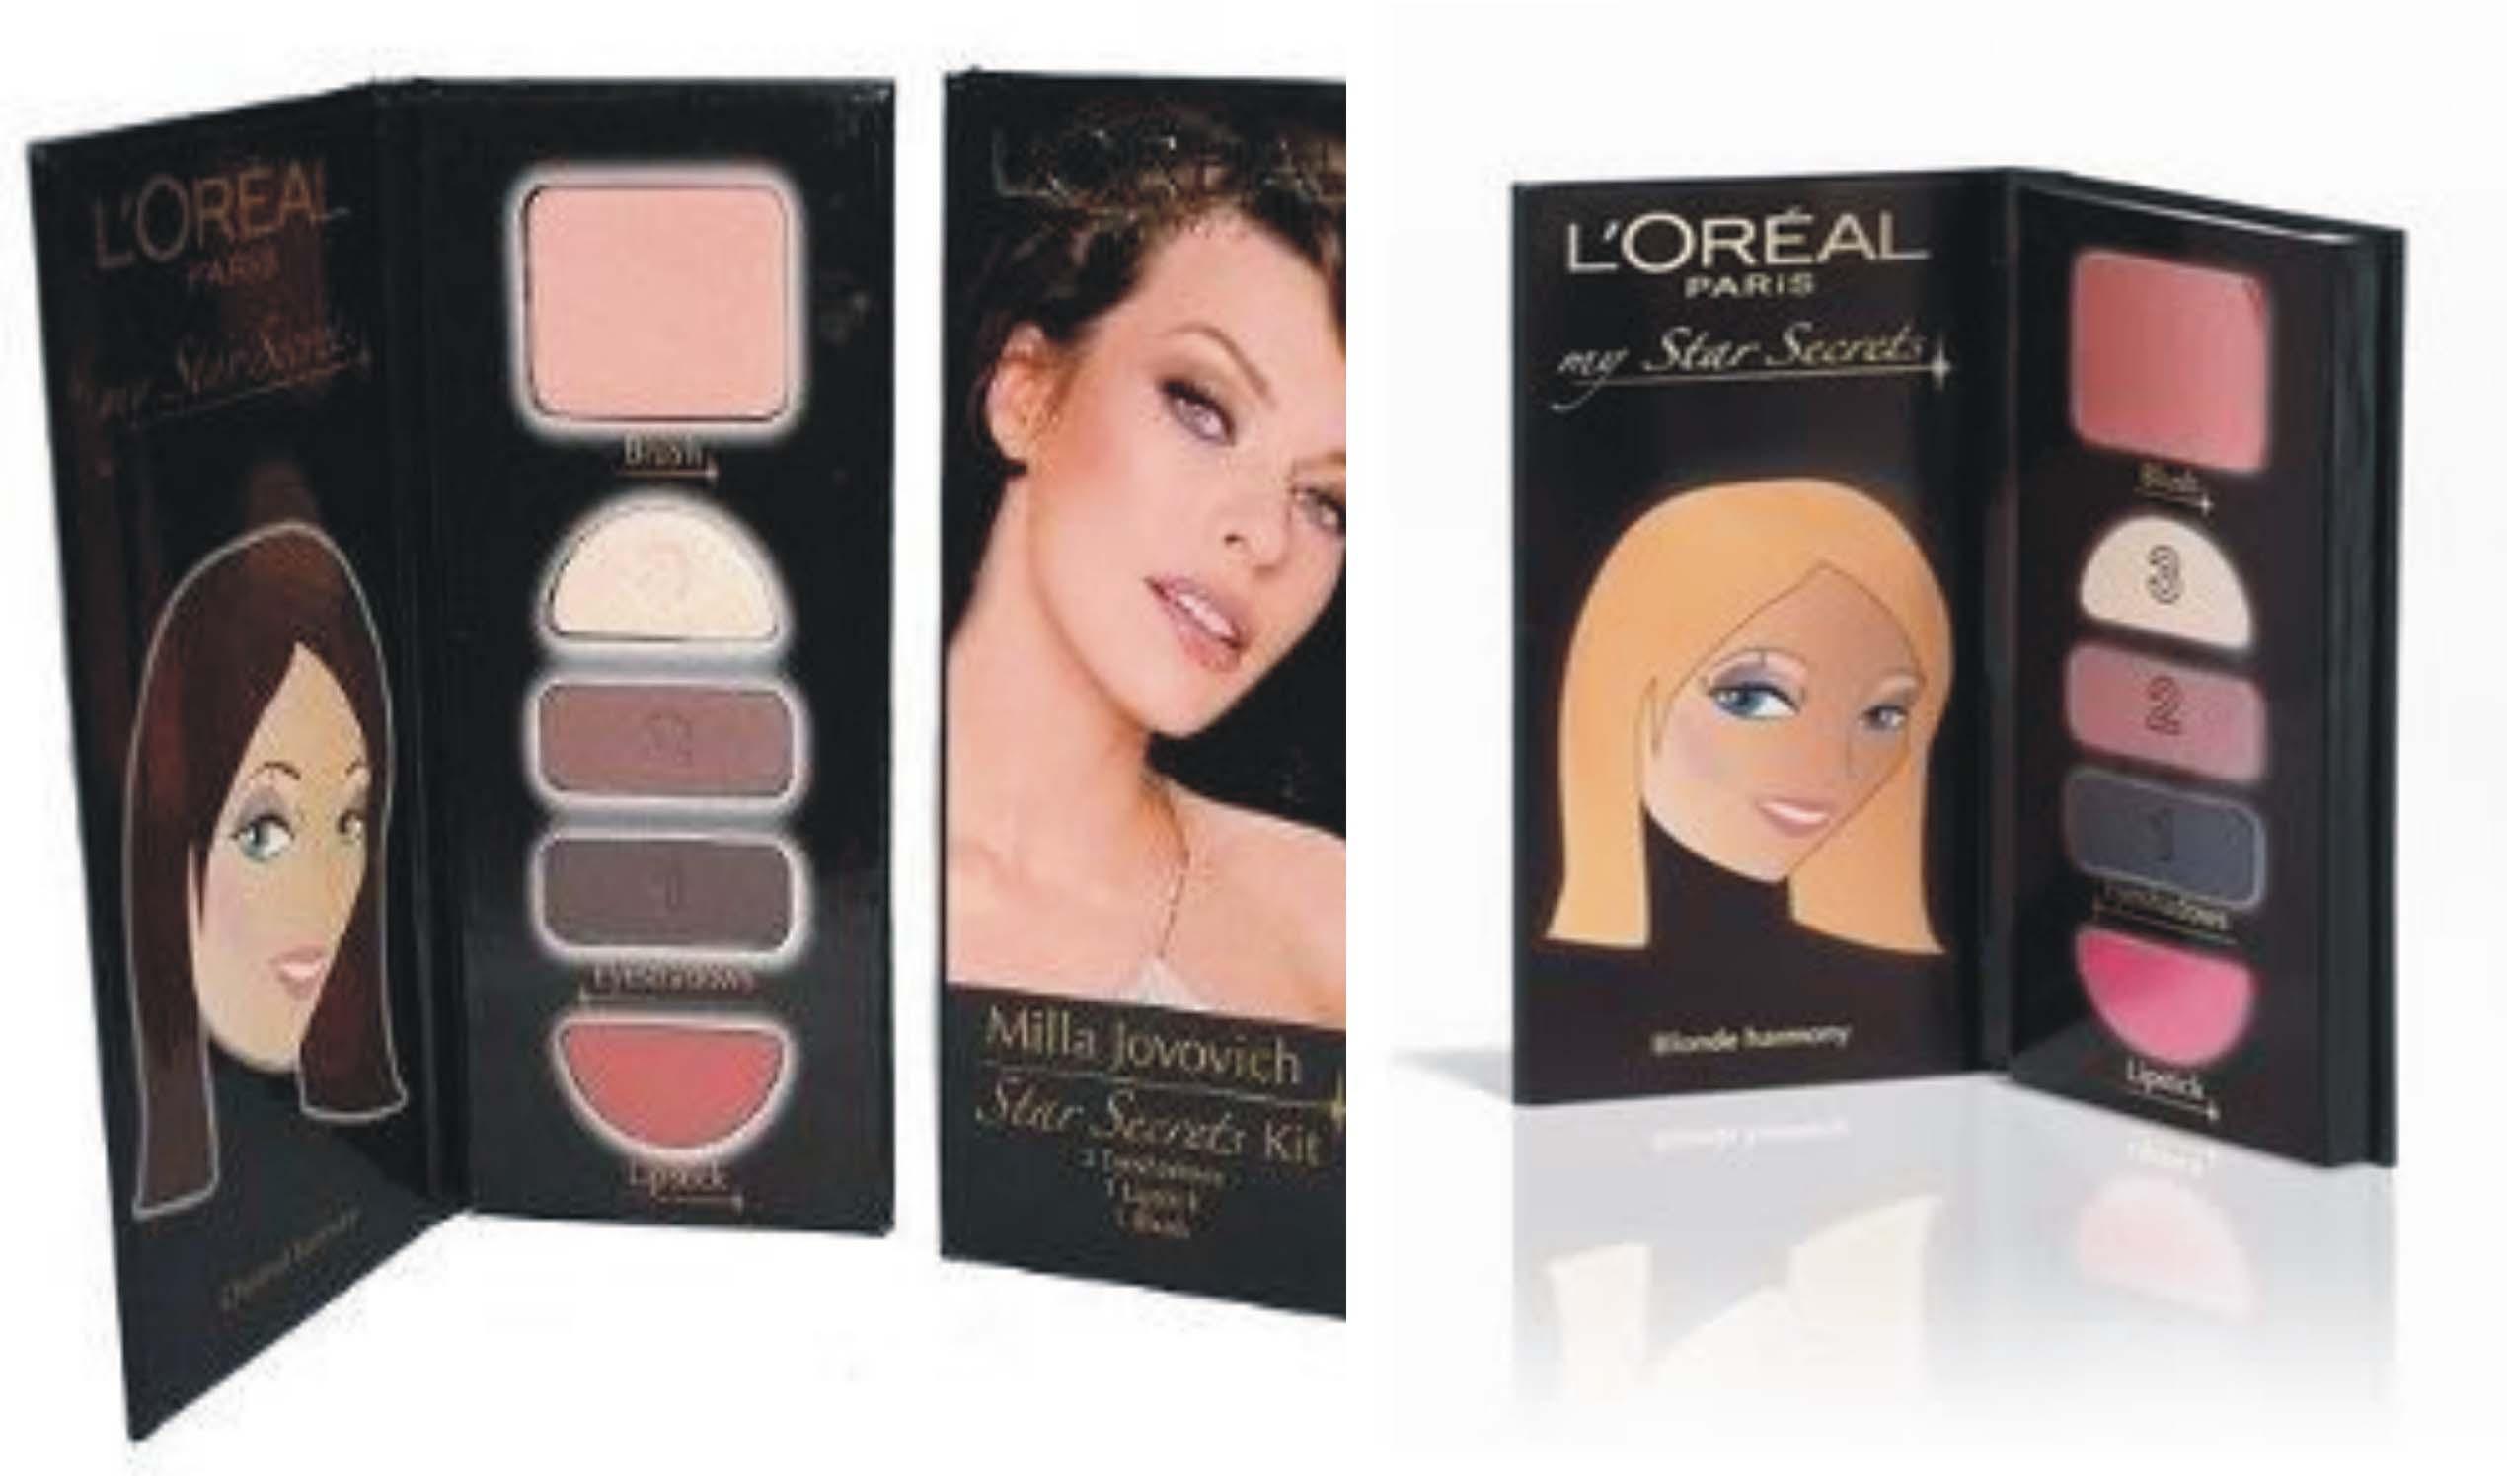 L'Oreal paris makeup kit for ladies